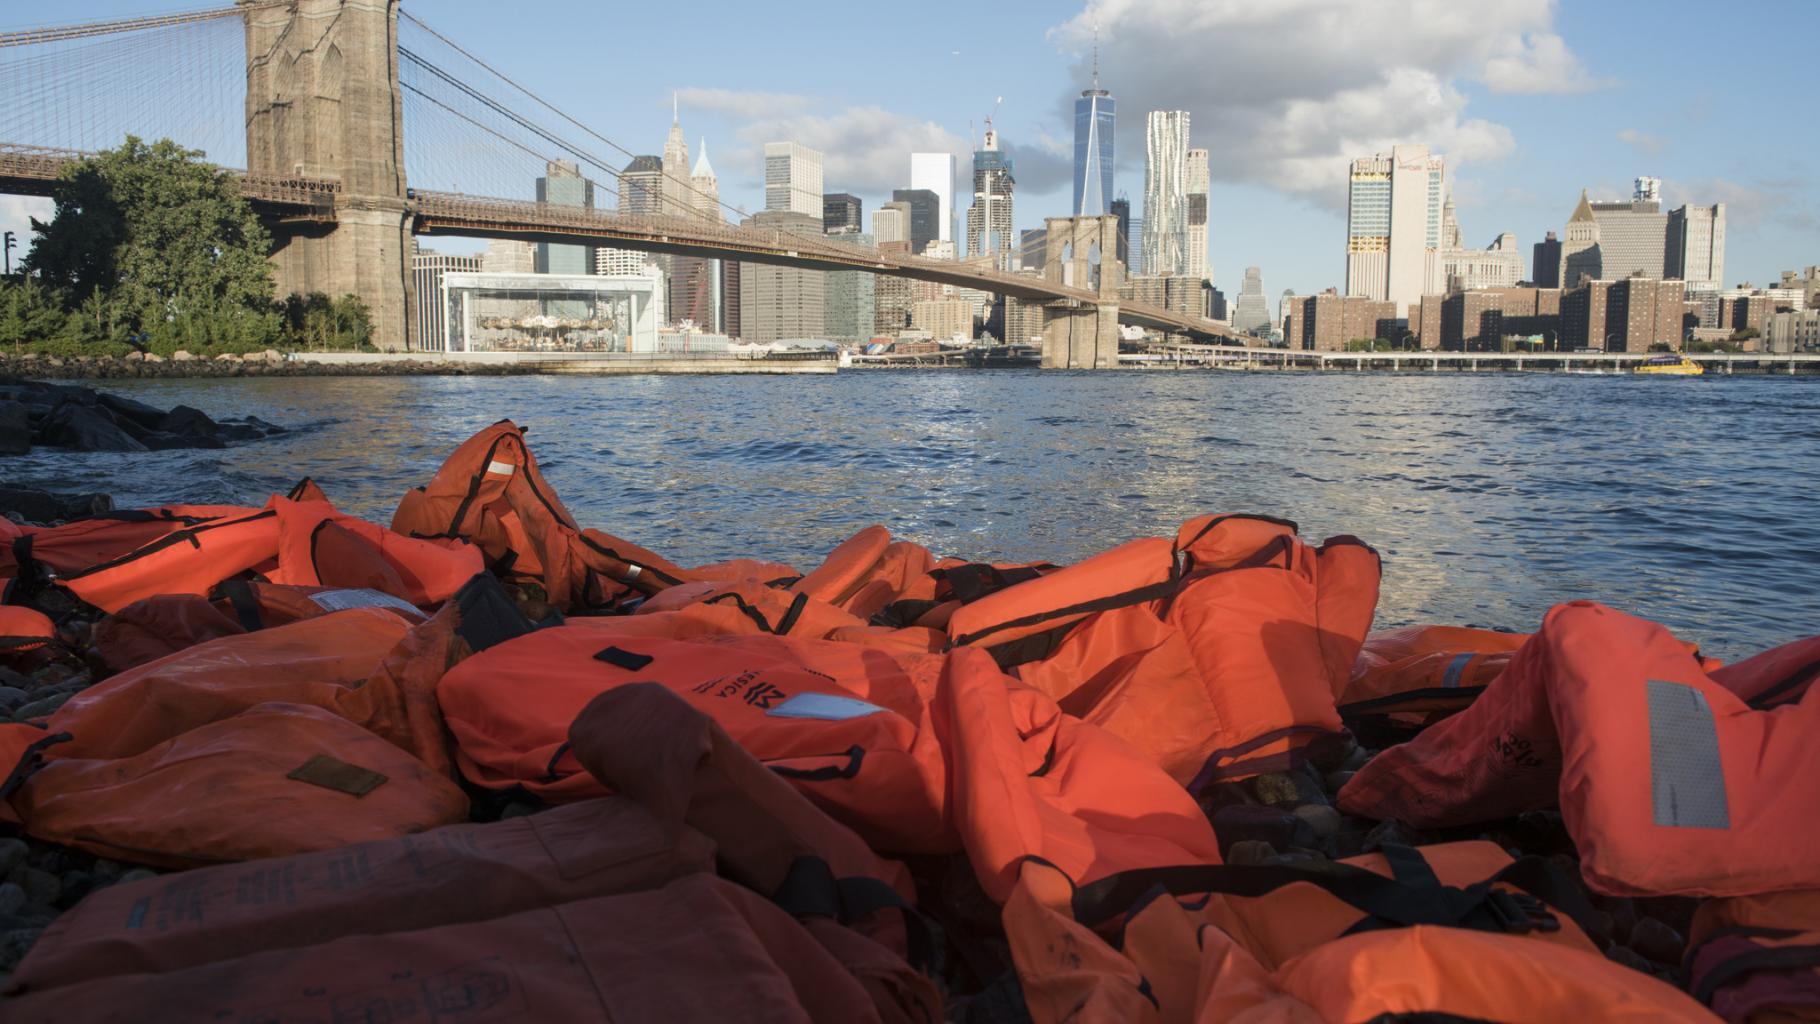 An einem Strand von New York türmen sich hunderte Rettungswesten © OXFAM/Darren Ornitz